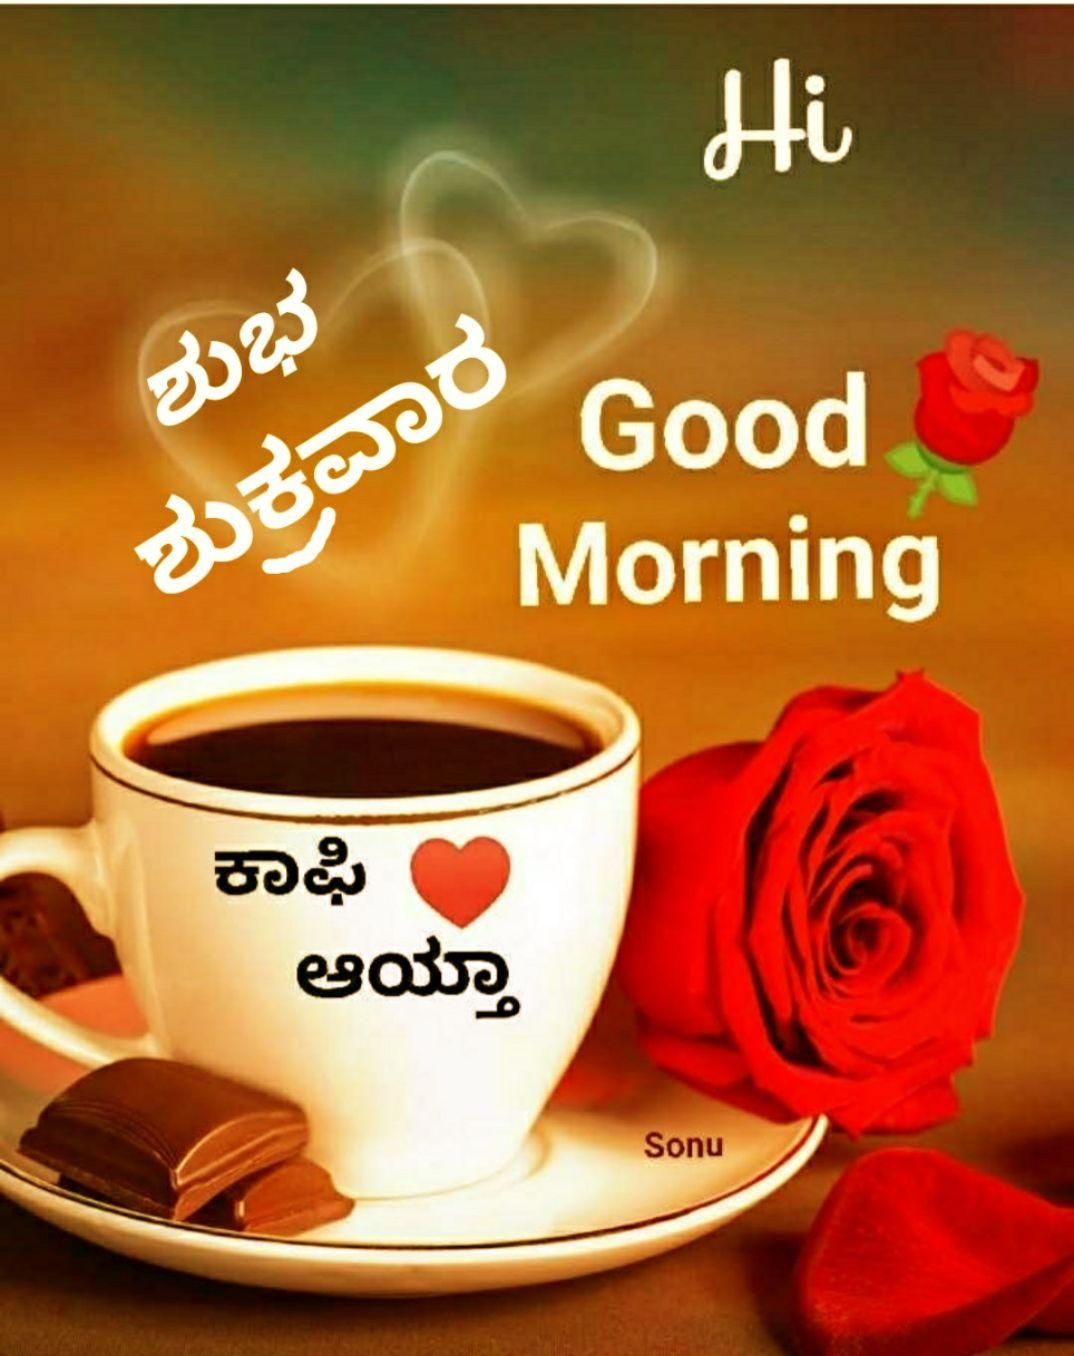 🌅ಶುಭೋದಯ - Hi Good ಶುಭ ಶುಕ್ರವಾರ Morning ಕಾಫಿ ಆಯಾ Sonu - ShareChat